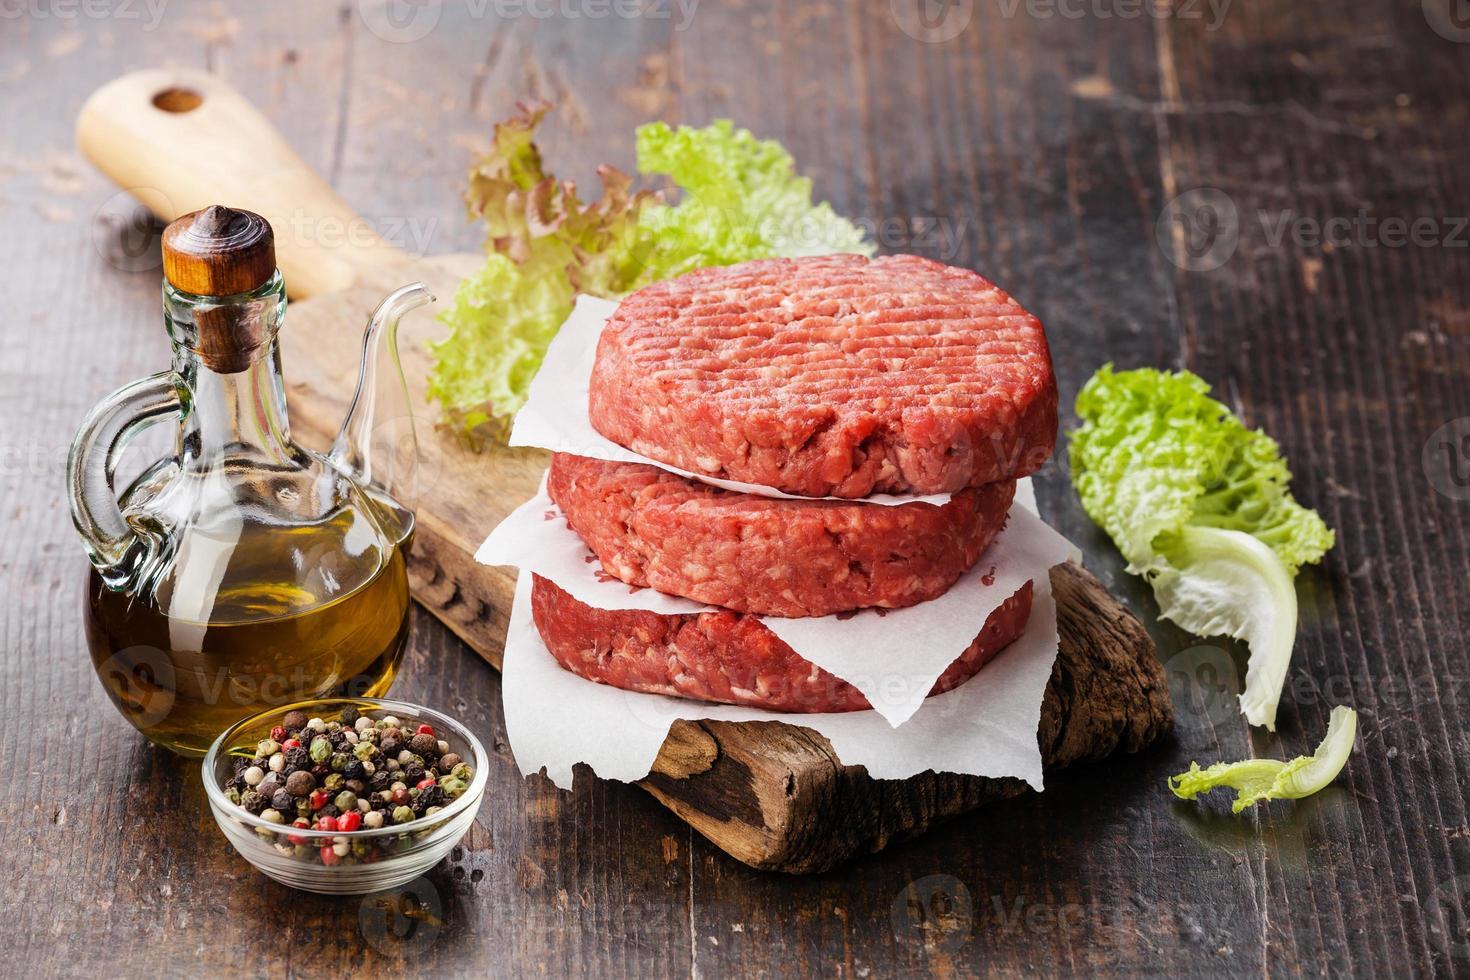 een stapel van rauwe rundvlees hamburgers op een snijplank foto